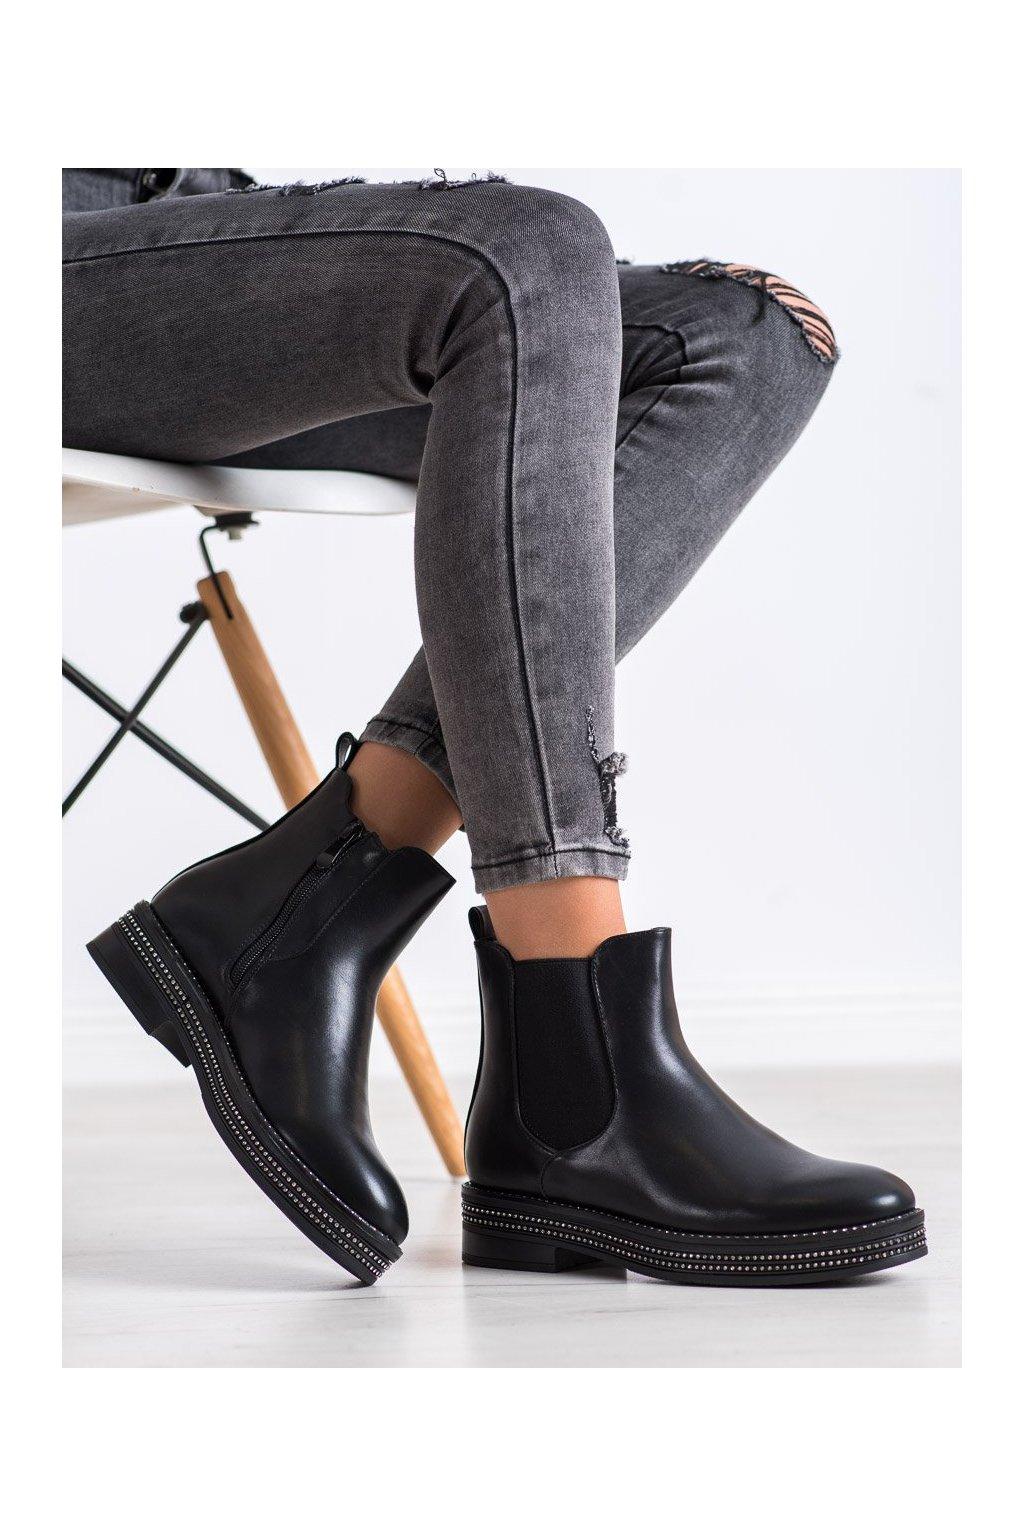 Čierne dámske topánky Shelovet kod 8-X8071B